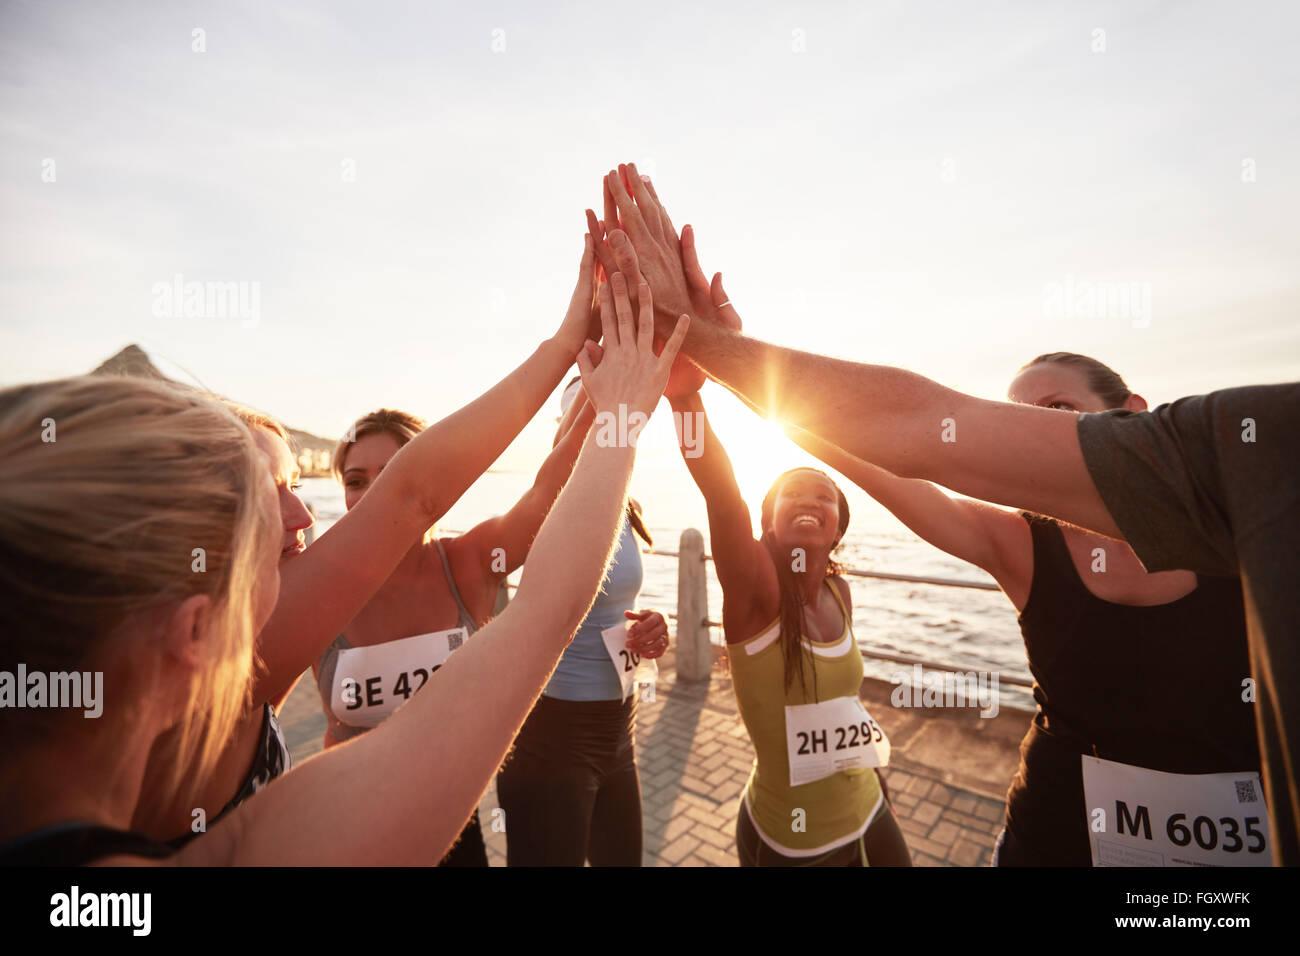 Athletic team con le loro mani impilati insieme per celebrare il successo. Corridori della maratona dando alta 5. Immagini Stock